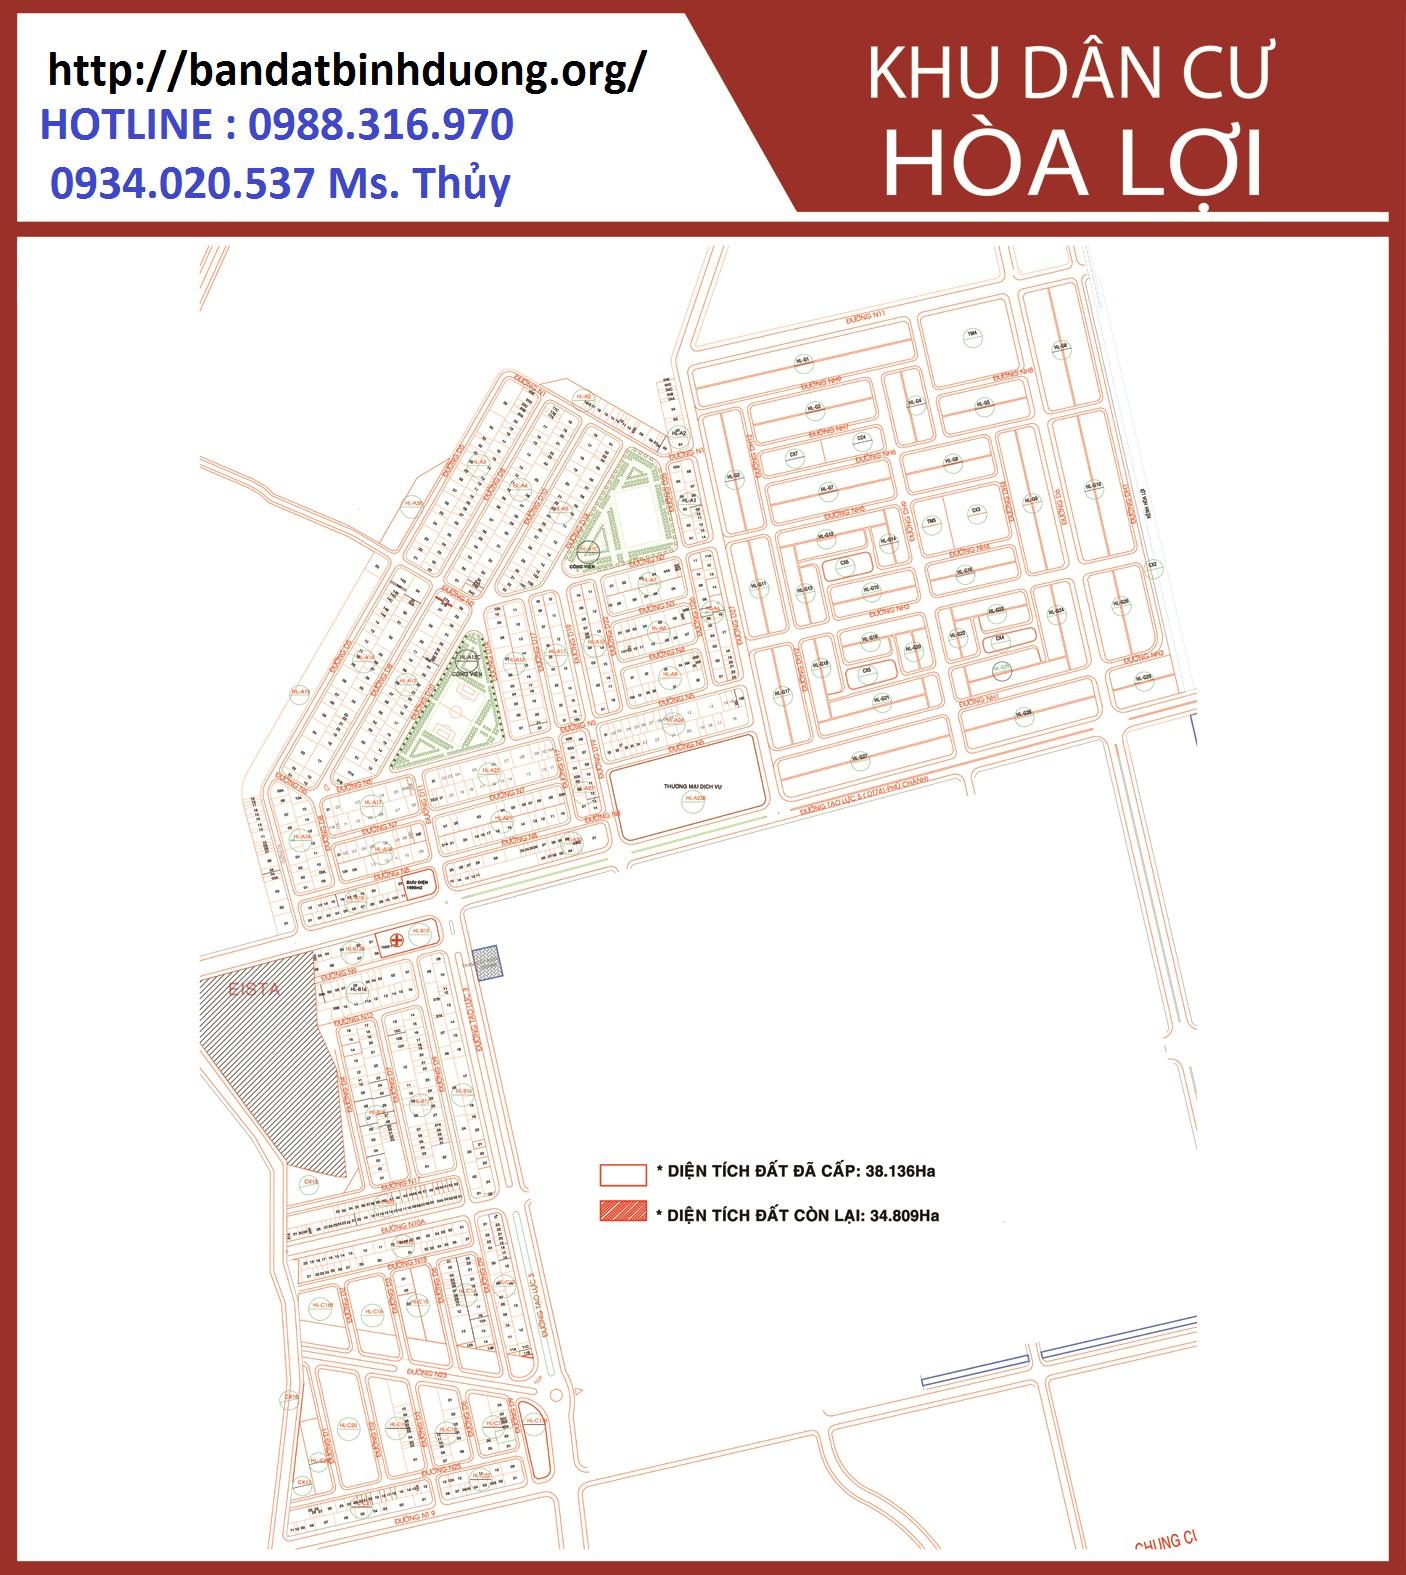 Cần mua đất khu tái định cư Hòa Lợi, Phường Hòa Phú, TP Thủ Dầu 1, tỉnh Bình Dương